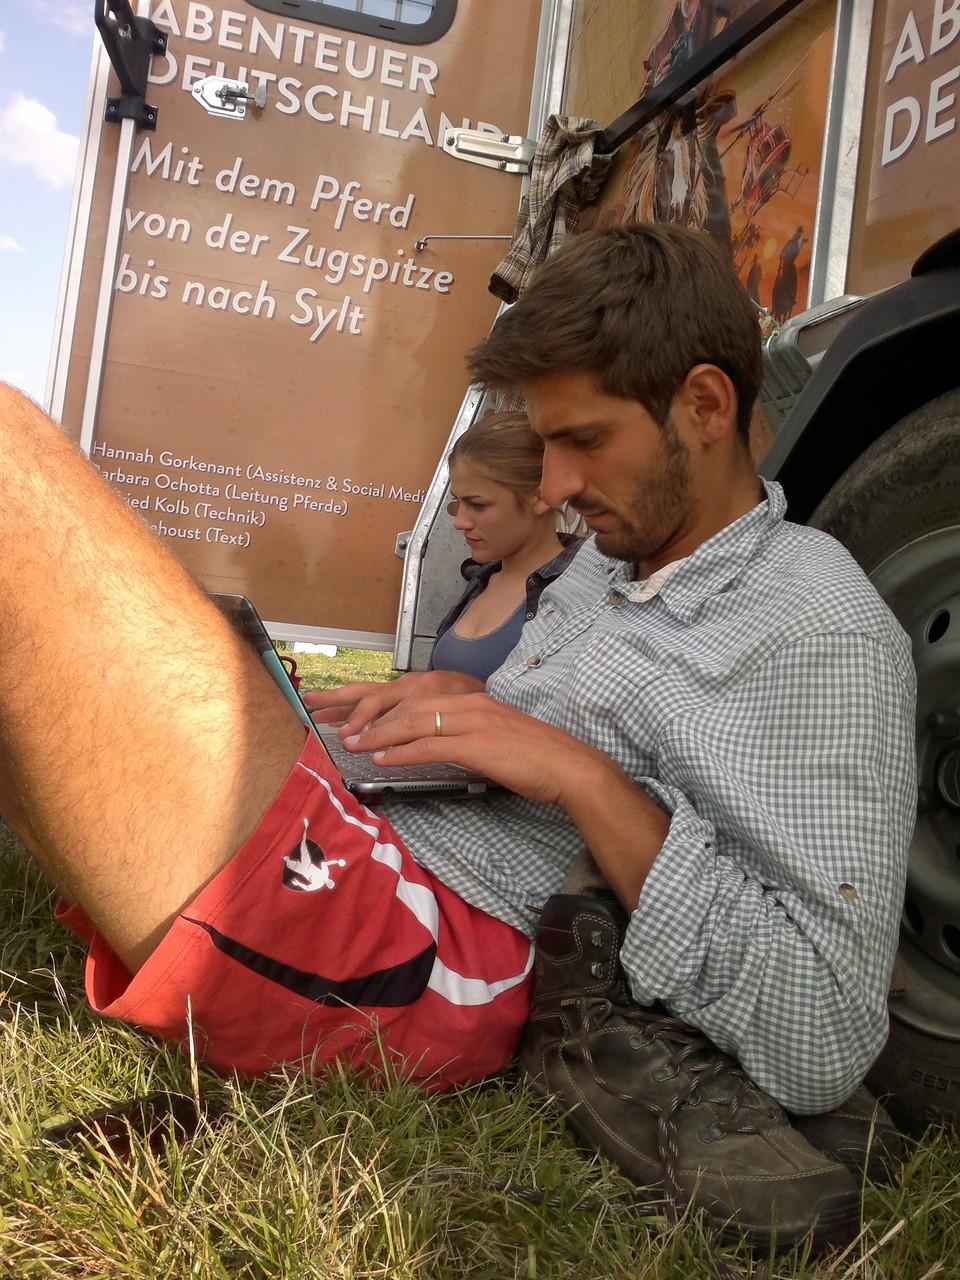 Johan - vertieft in seine Arbeit